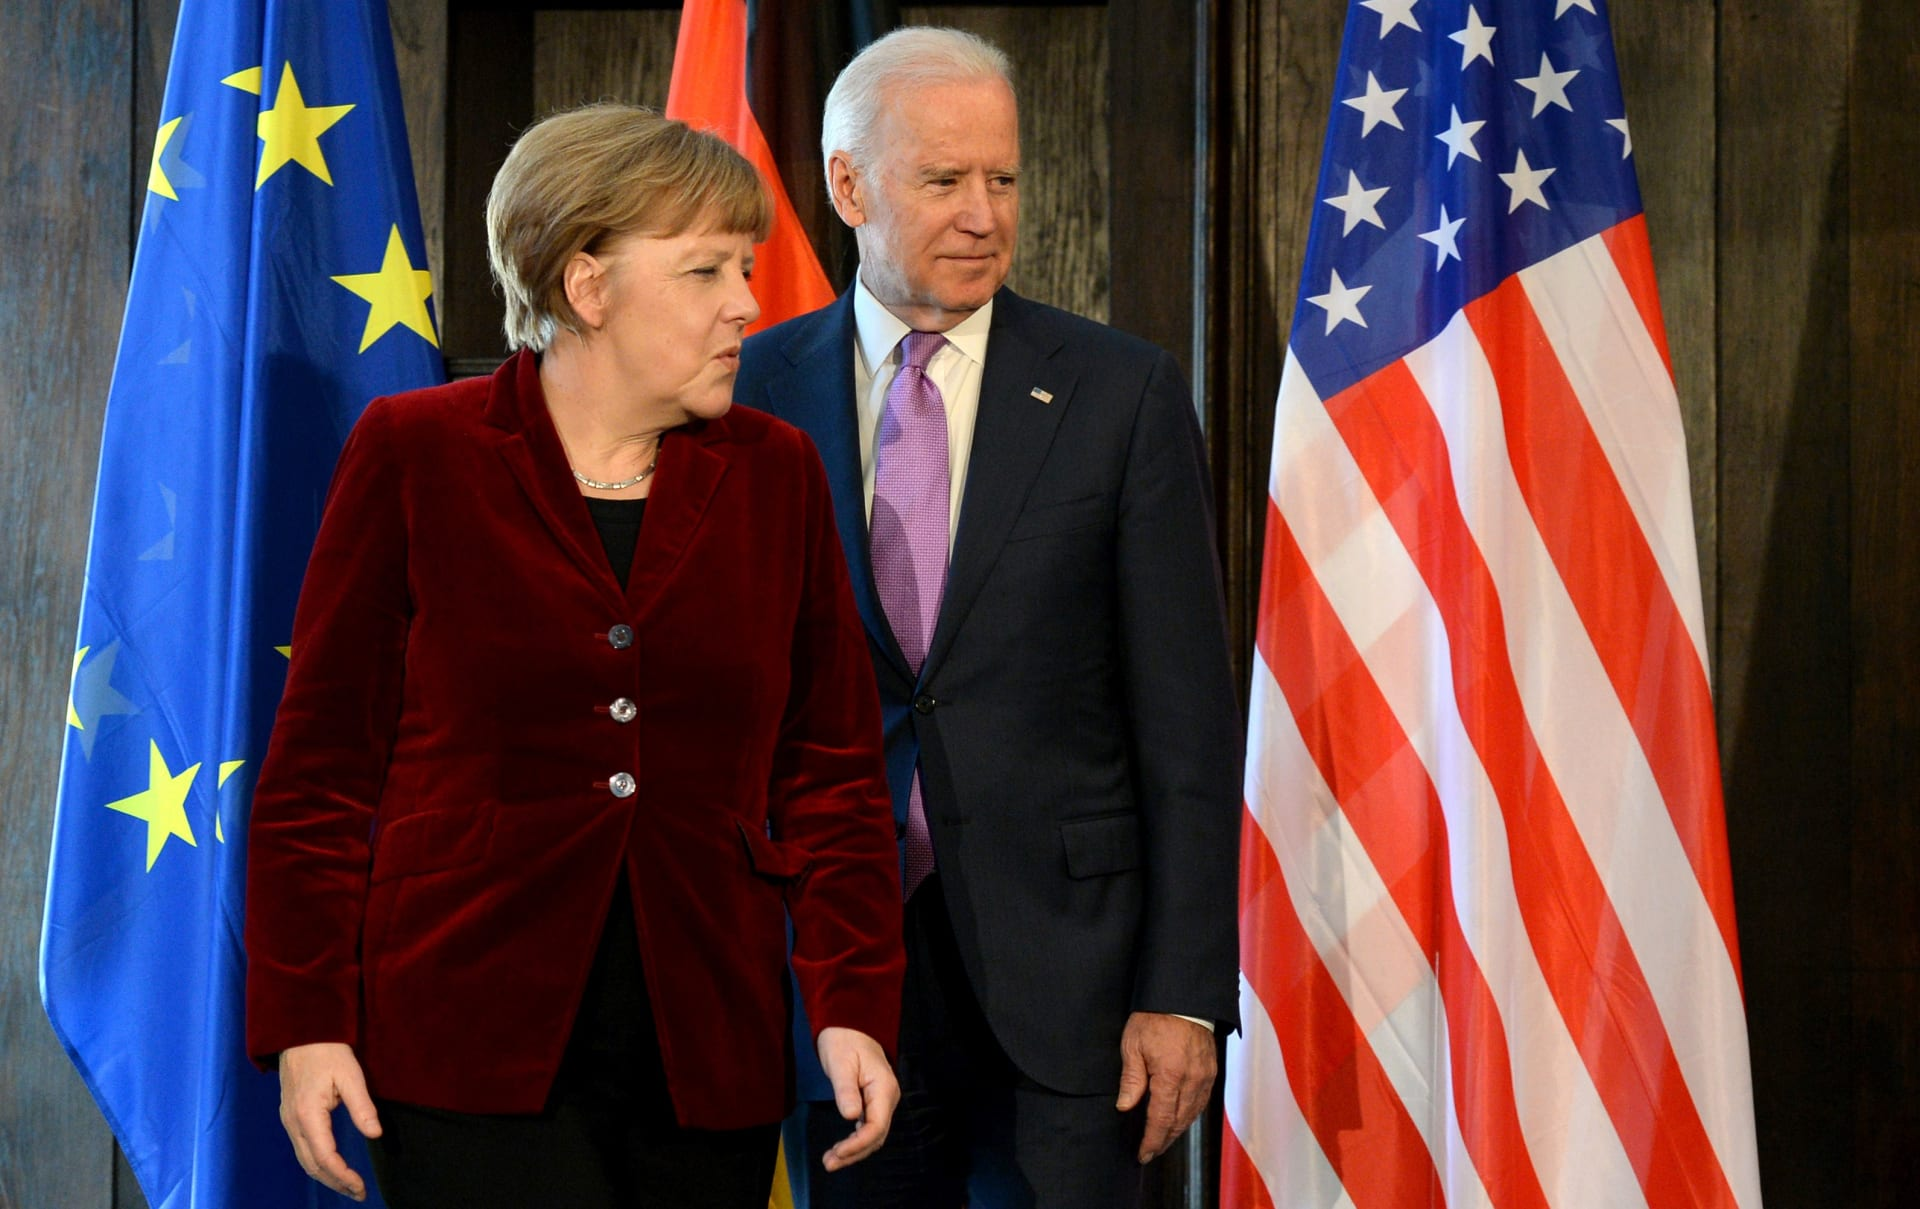 مؤتمر ميونخ للأمن: بايدن يهاجم روسيا والصين.. وميركل تدعو لأجندة موحدة تجاههما